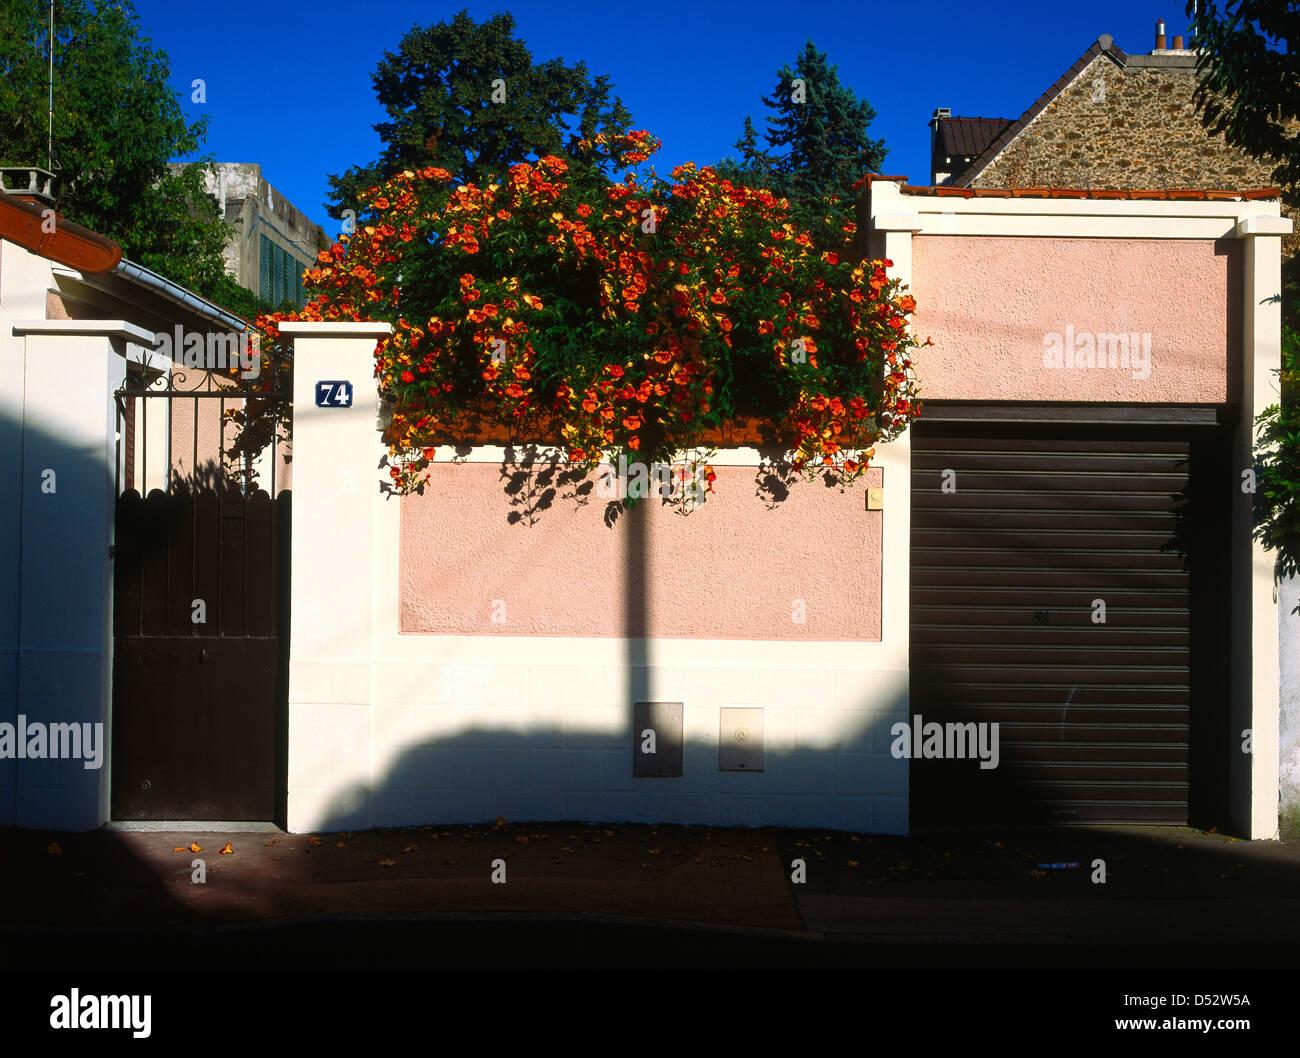 Architecte La Varenne St Hilaire varenne saint maur stock photos & varenne saint maur stock